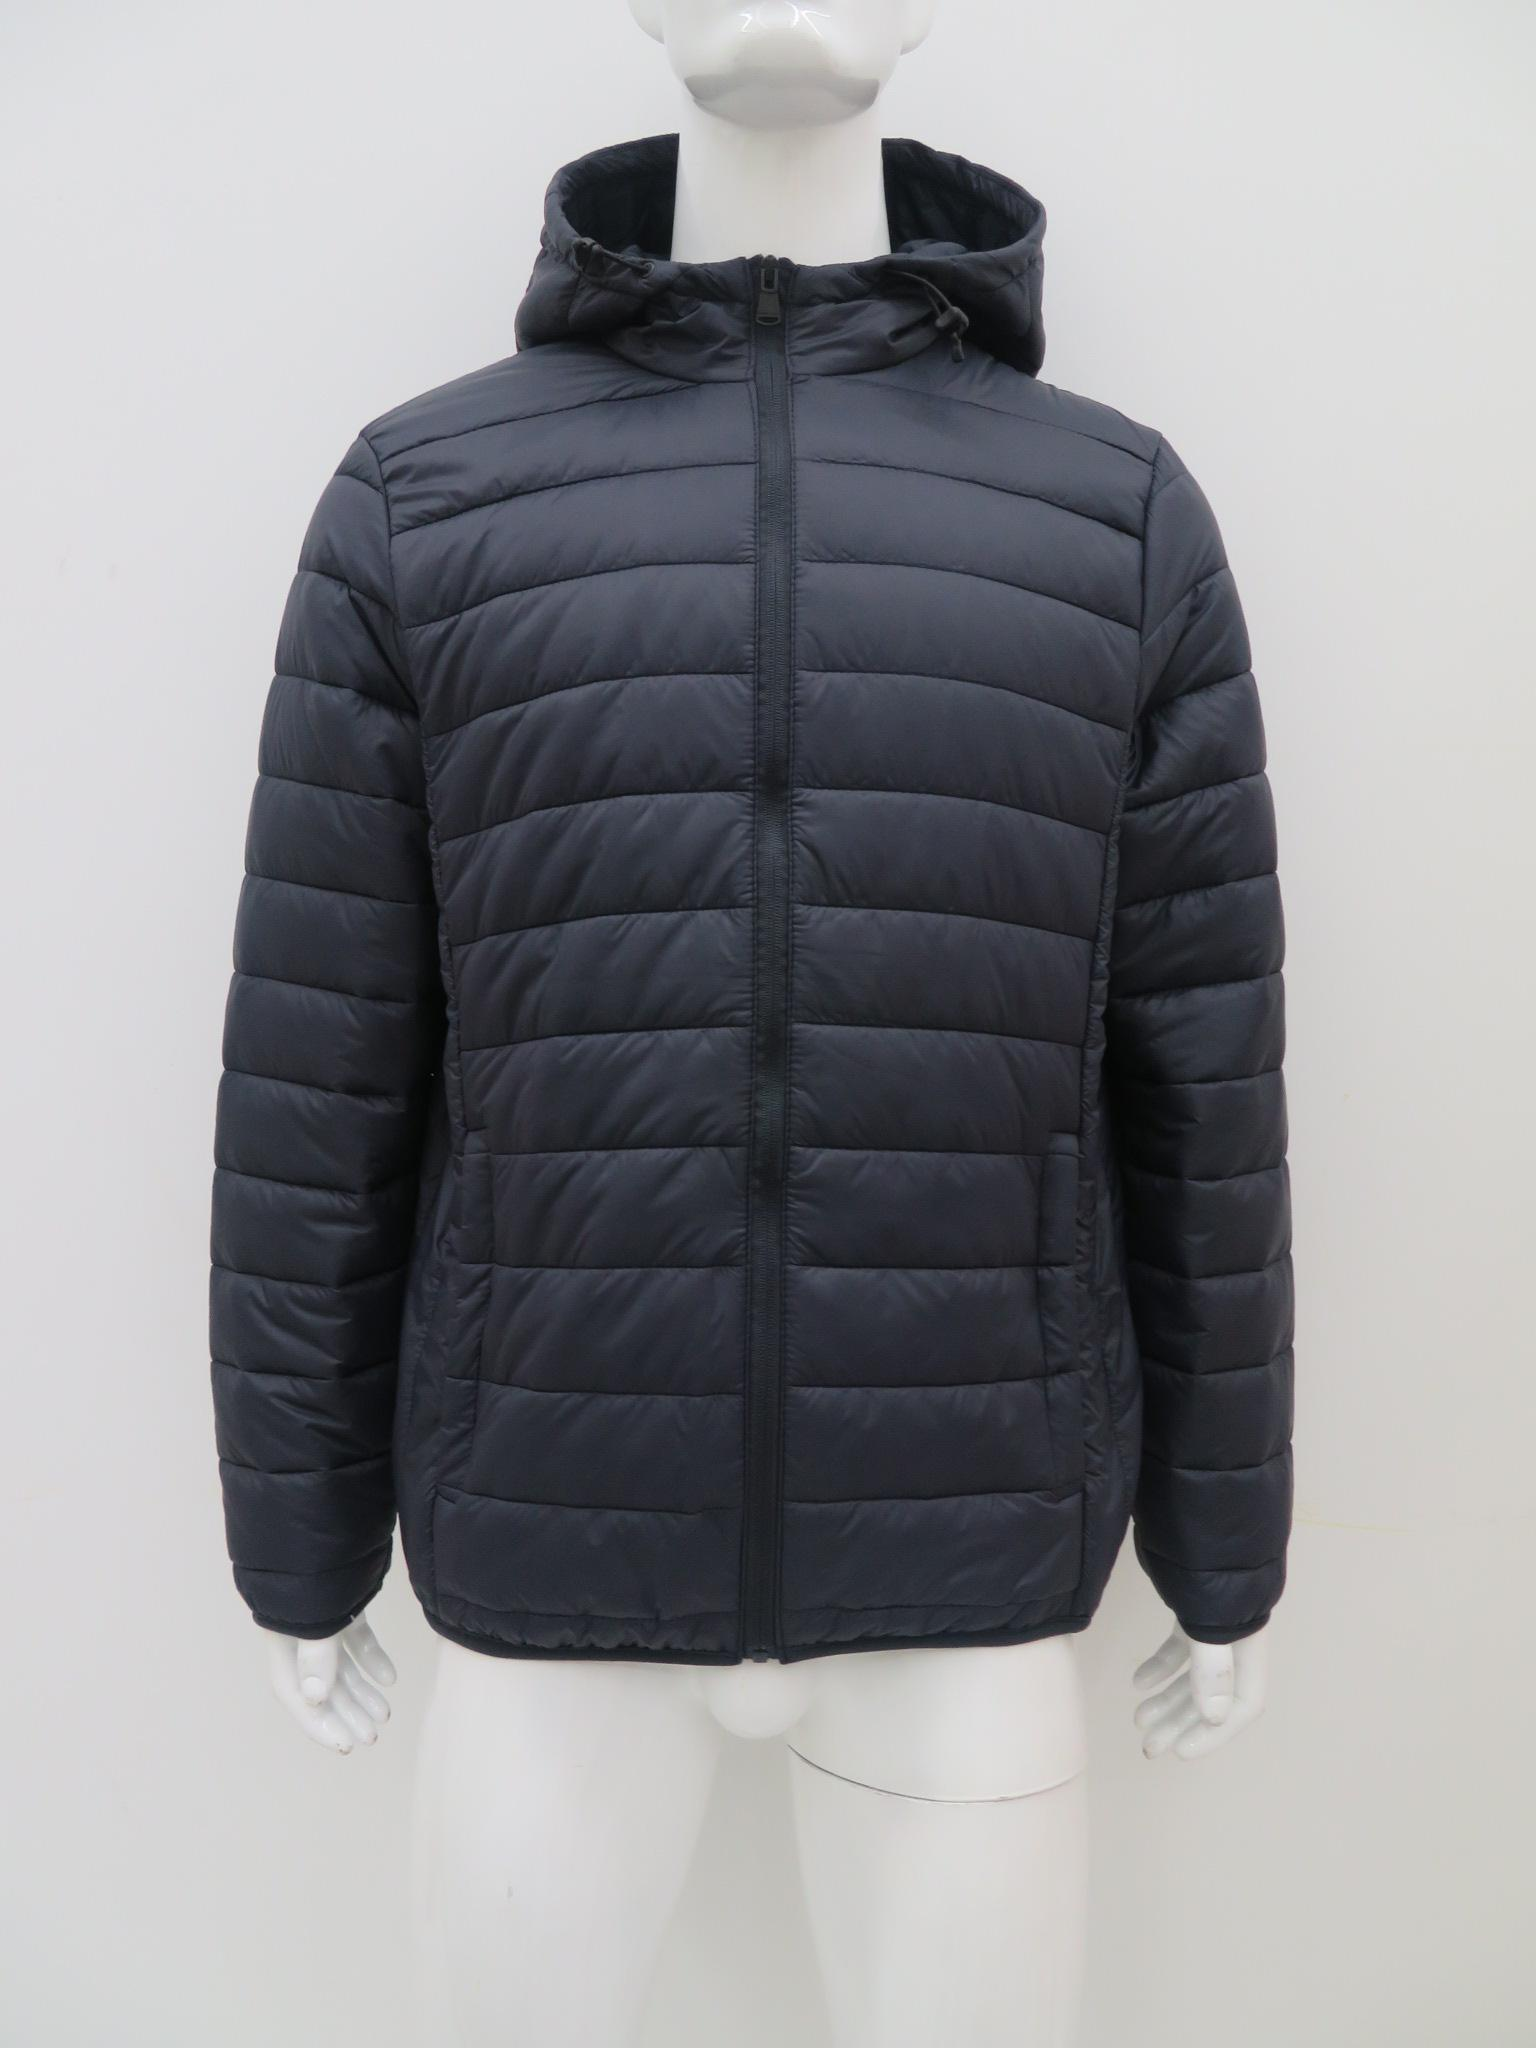 2018秋冬新款熱銷男士保暖棉服外套批發 4